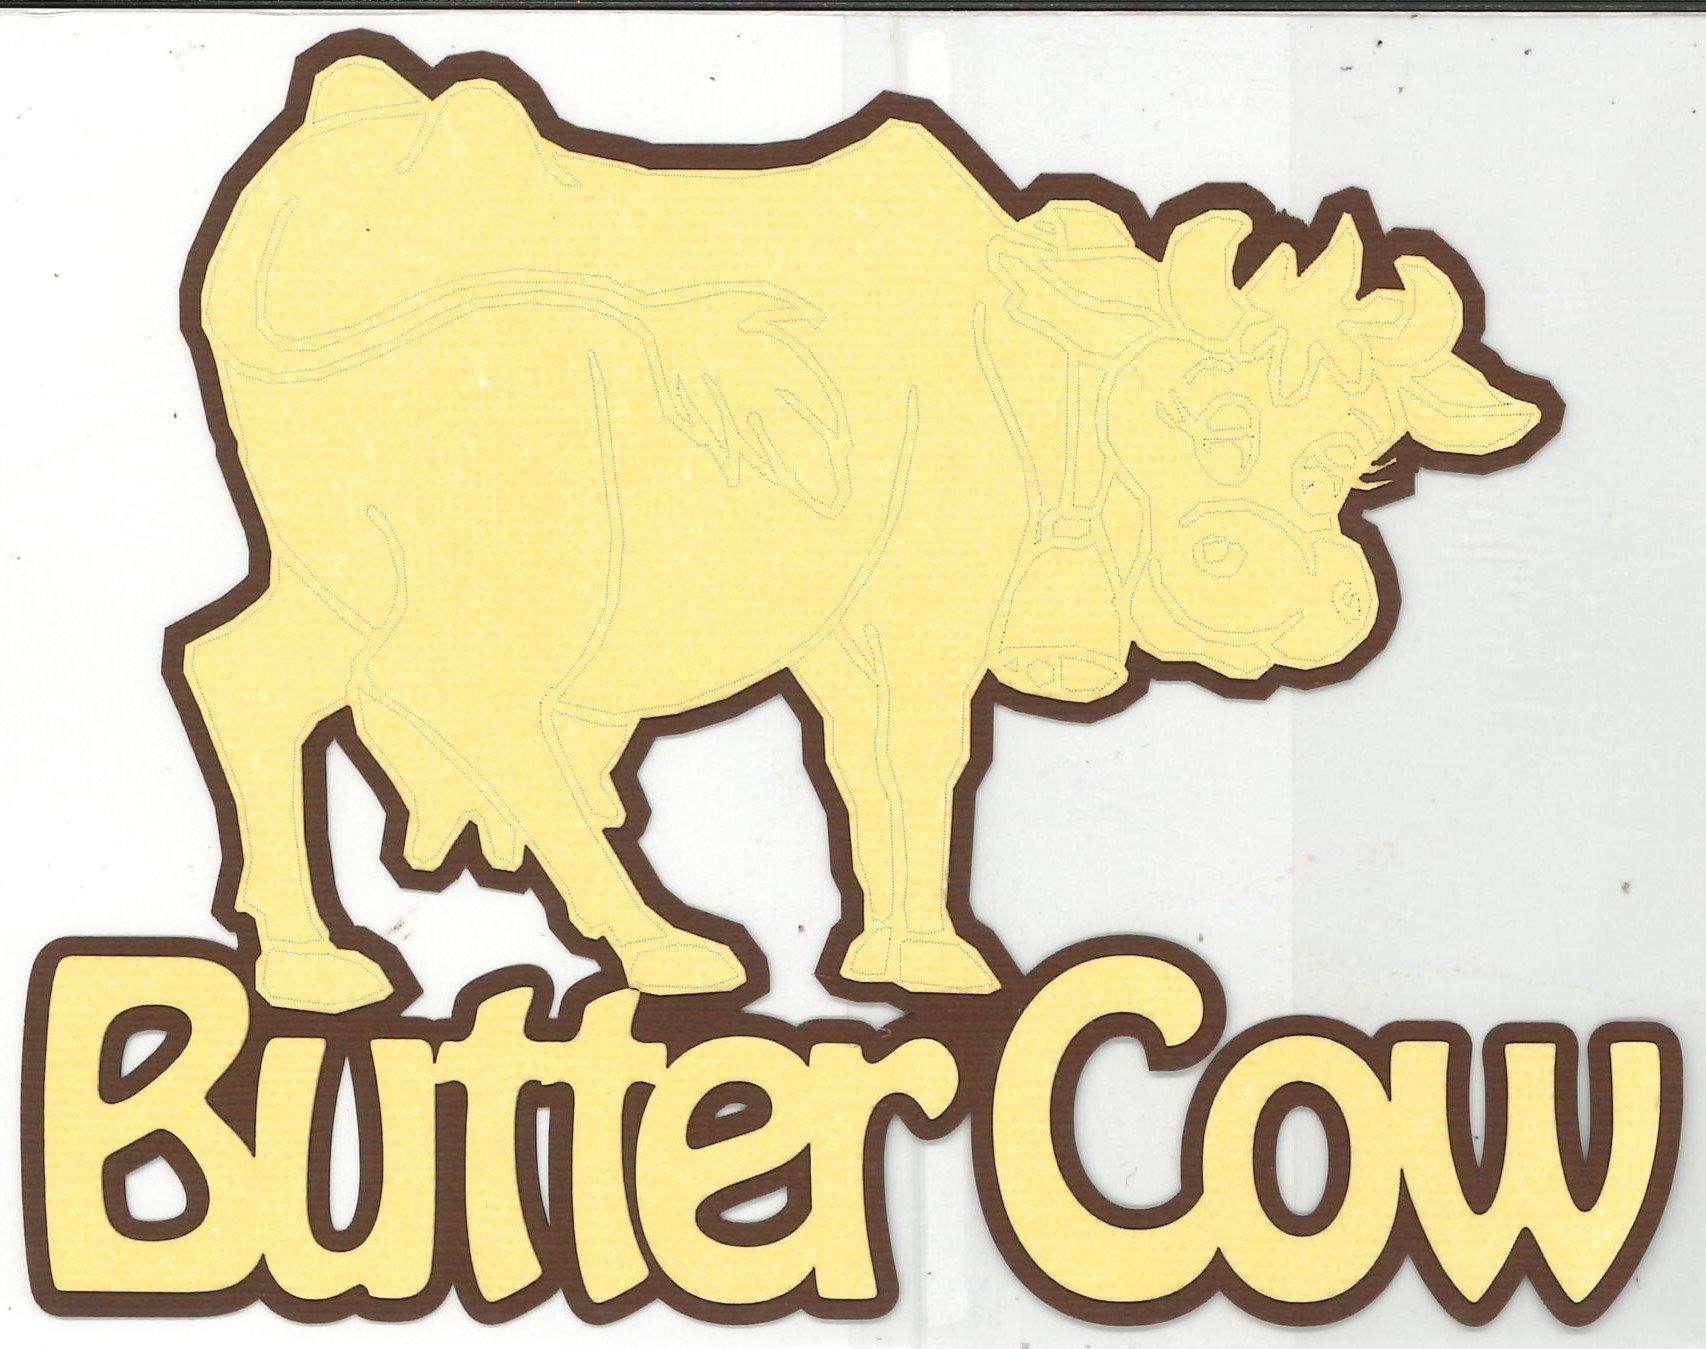 DIECUT - BUTTER COW